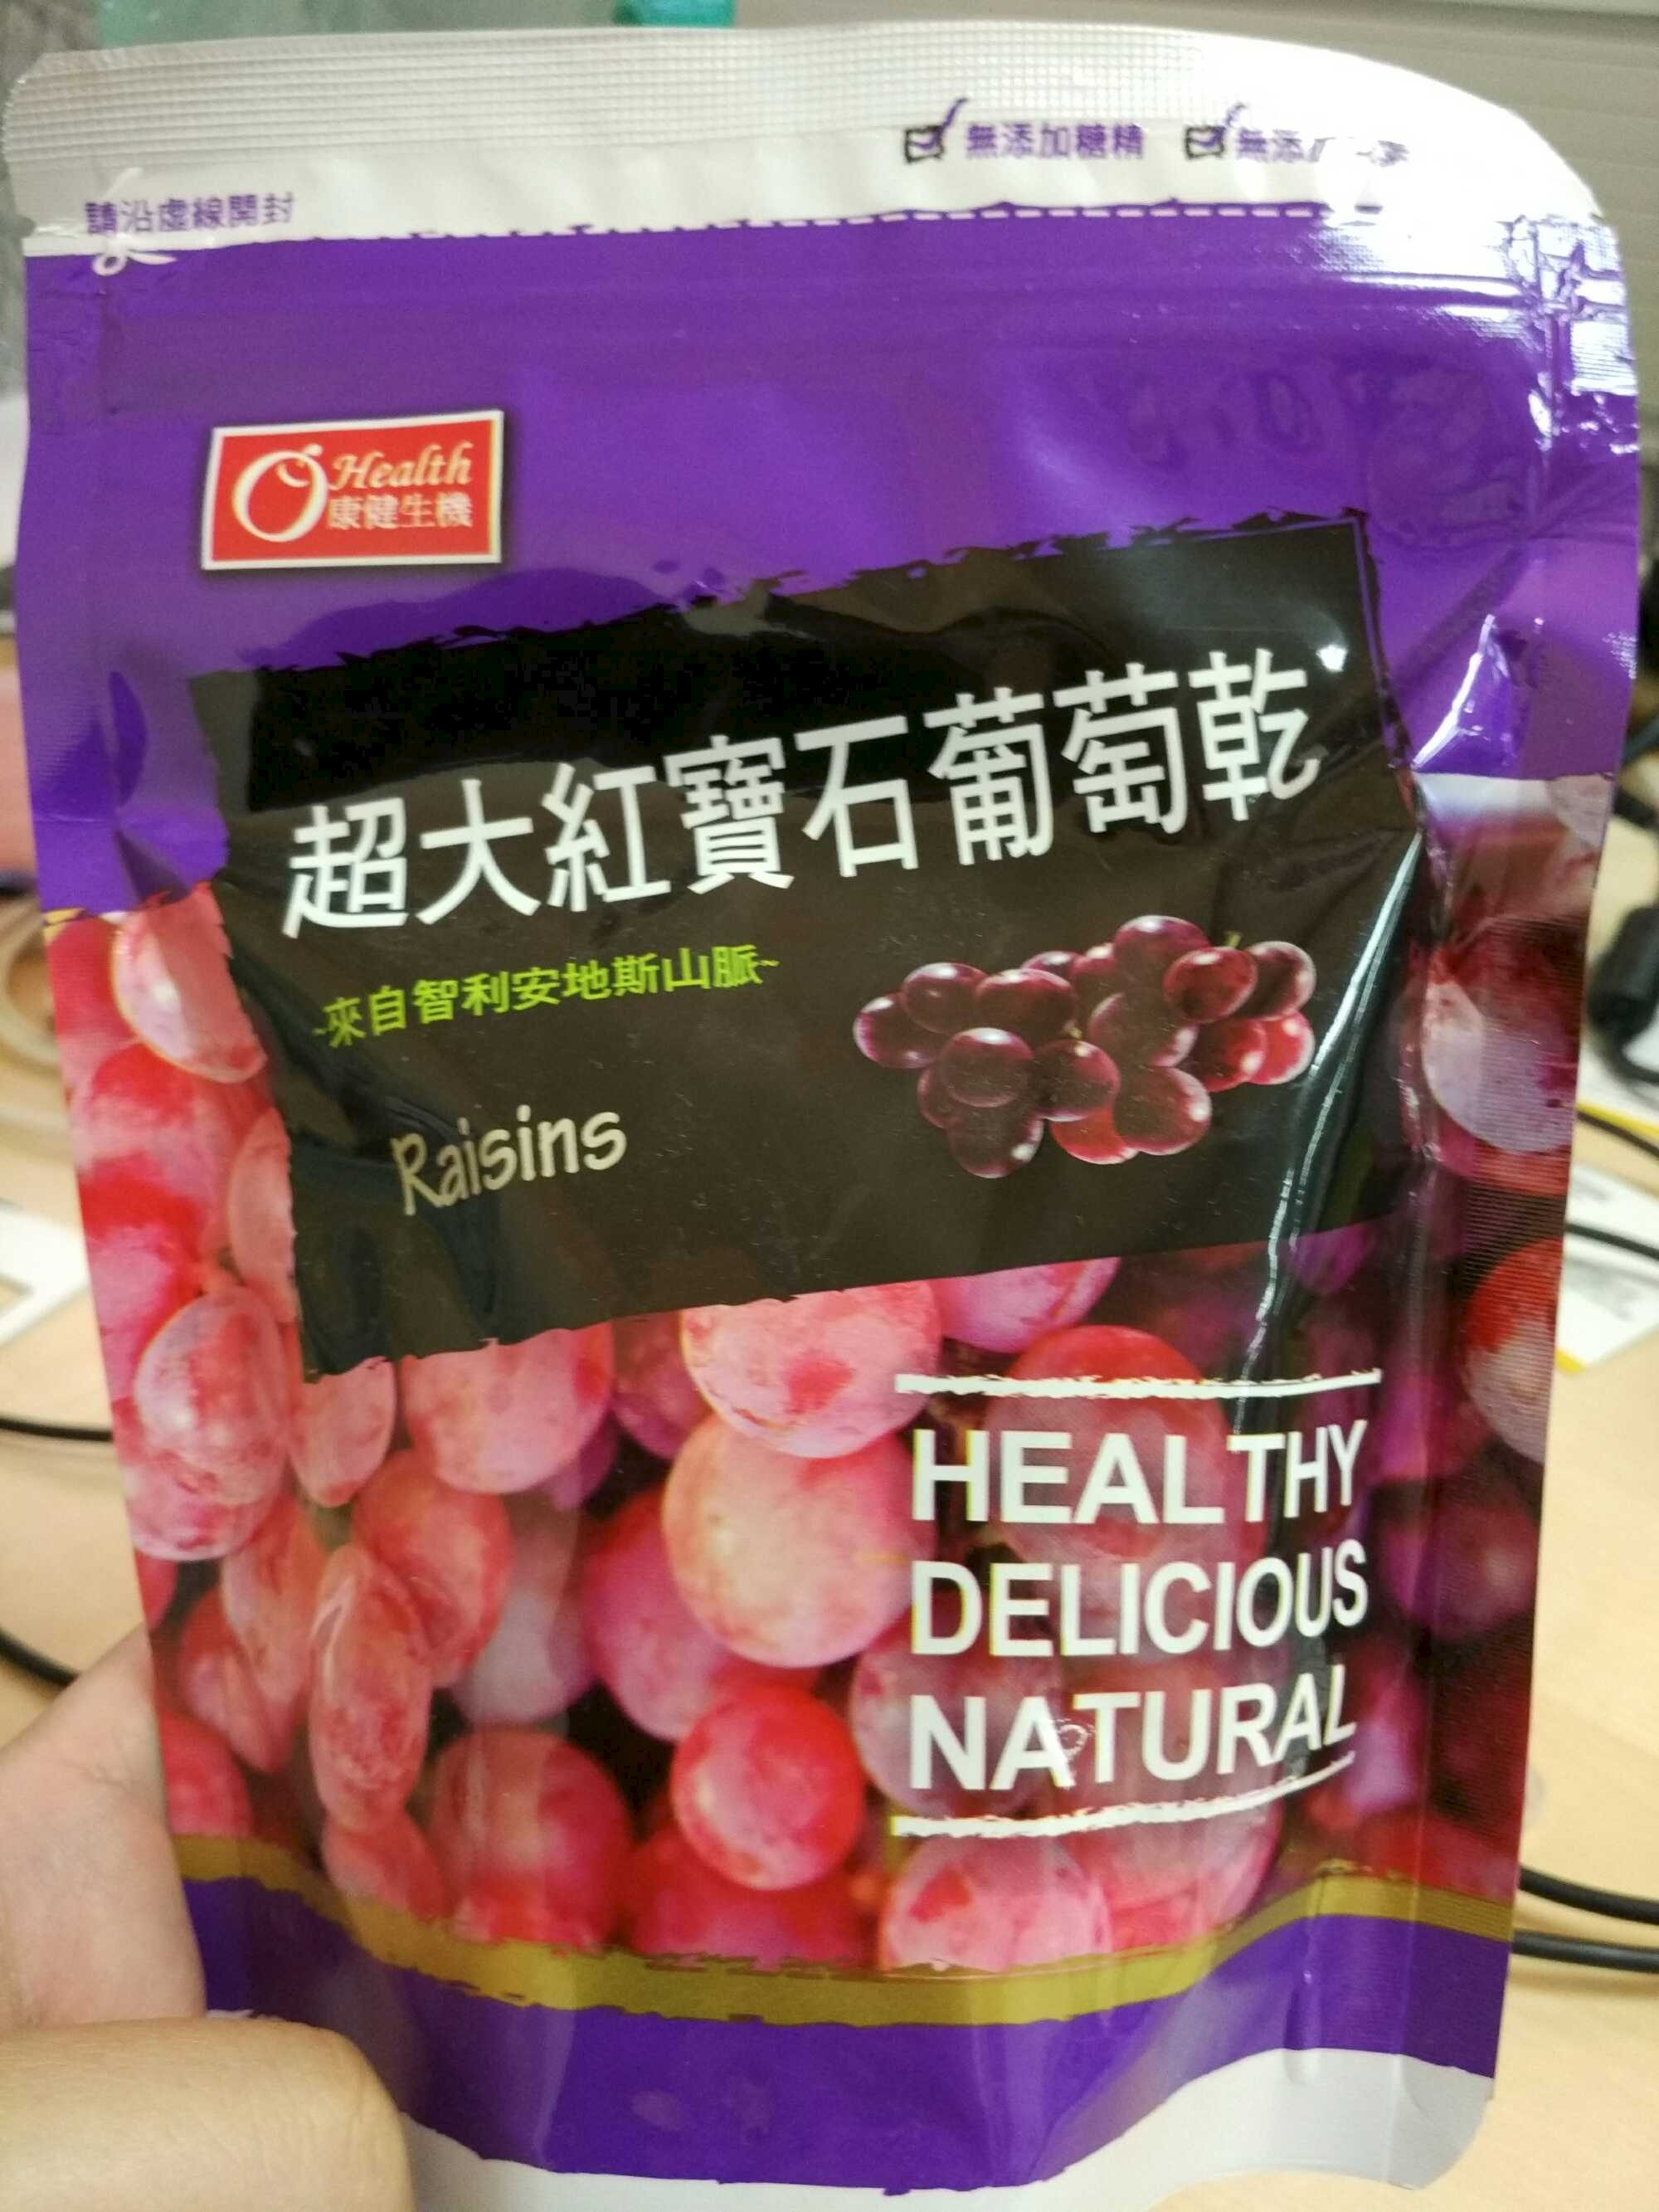 超大紅寶石葡萄乾 - Product - zh